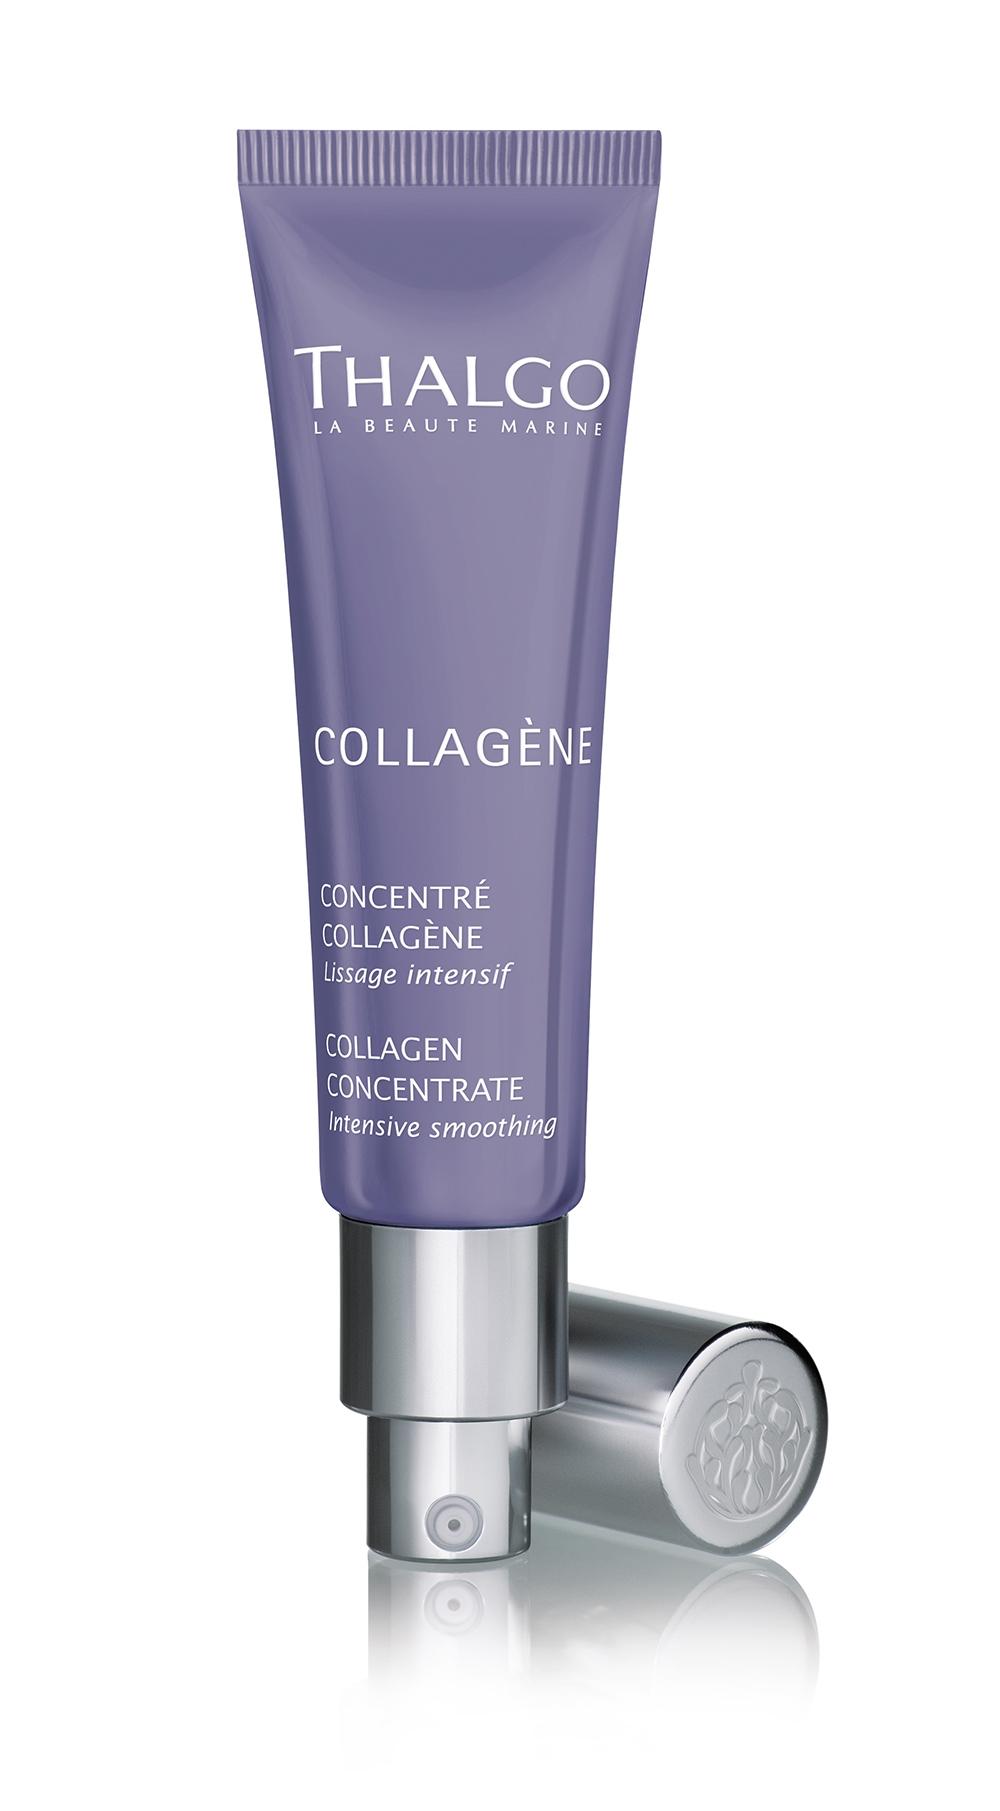 Thalgo Концентрированная Сыворотка с коллагеном Collagen Concentrate, 30 мл